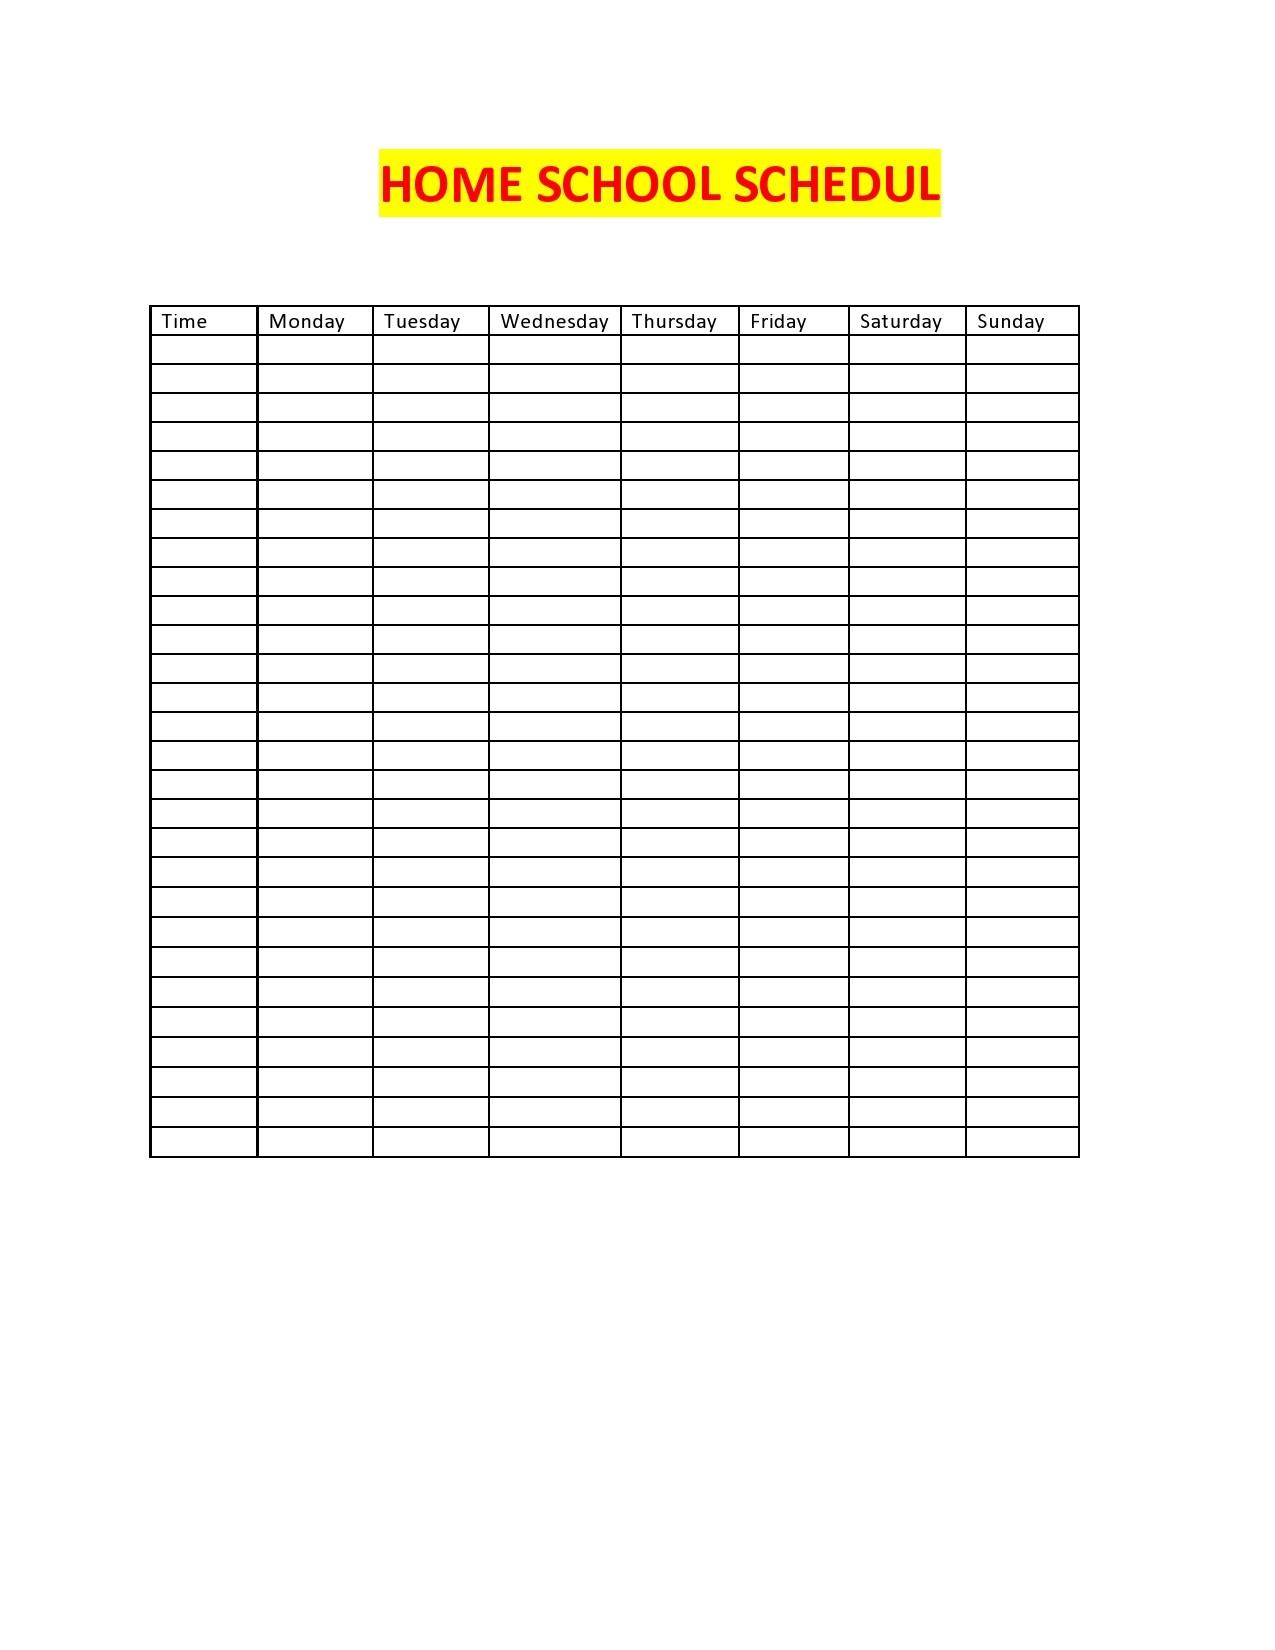 Free homeschool schedule template 29